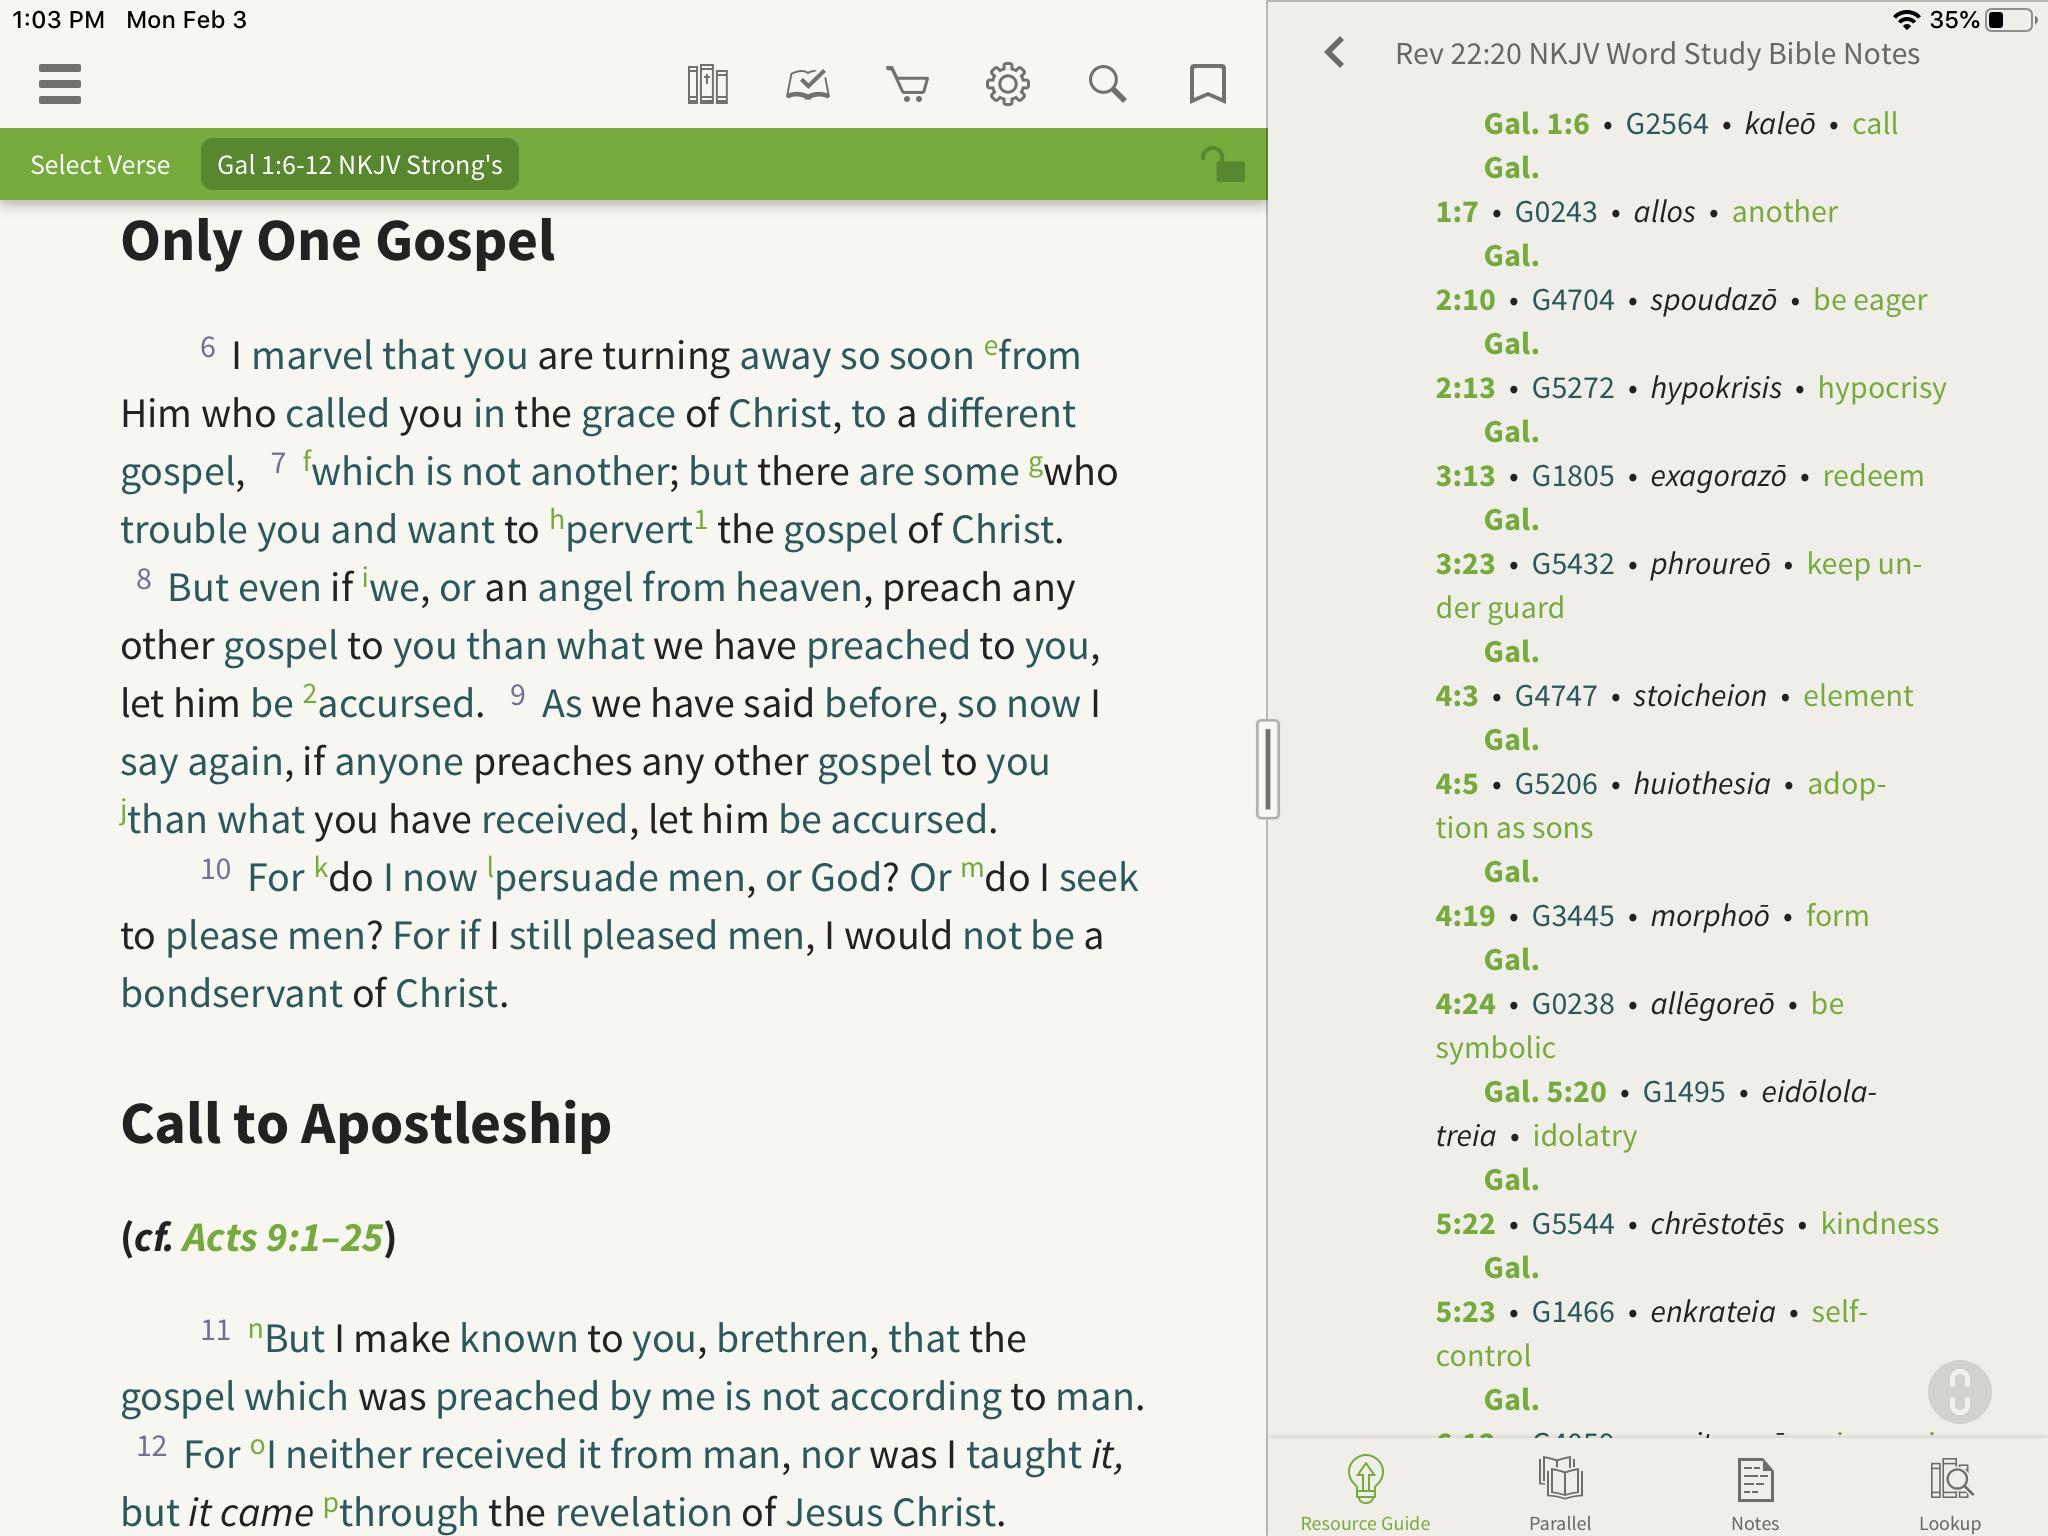 nkjv strong's scripture passage index